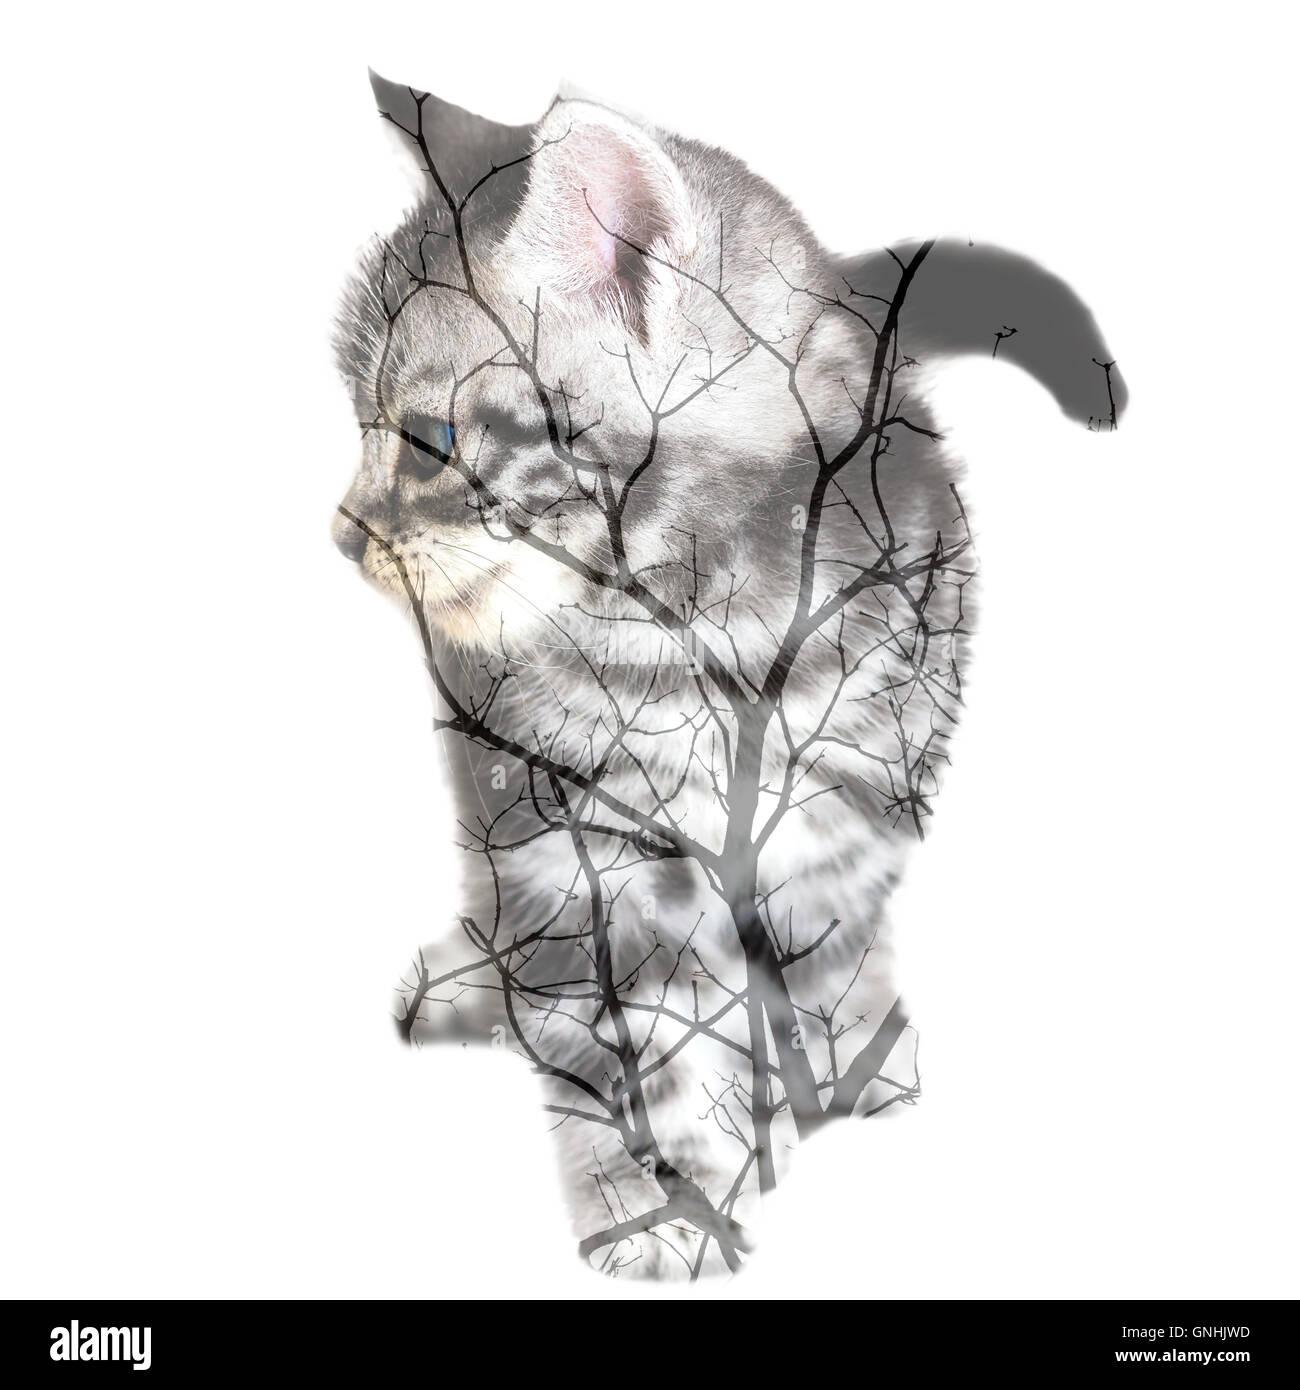 Dead Kitten Stock Photos & Dead Kitten Stock Images - Alamy